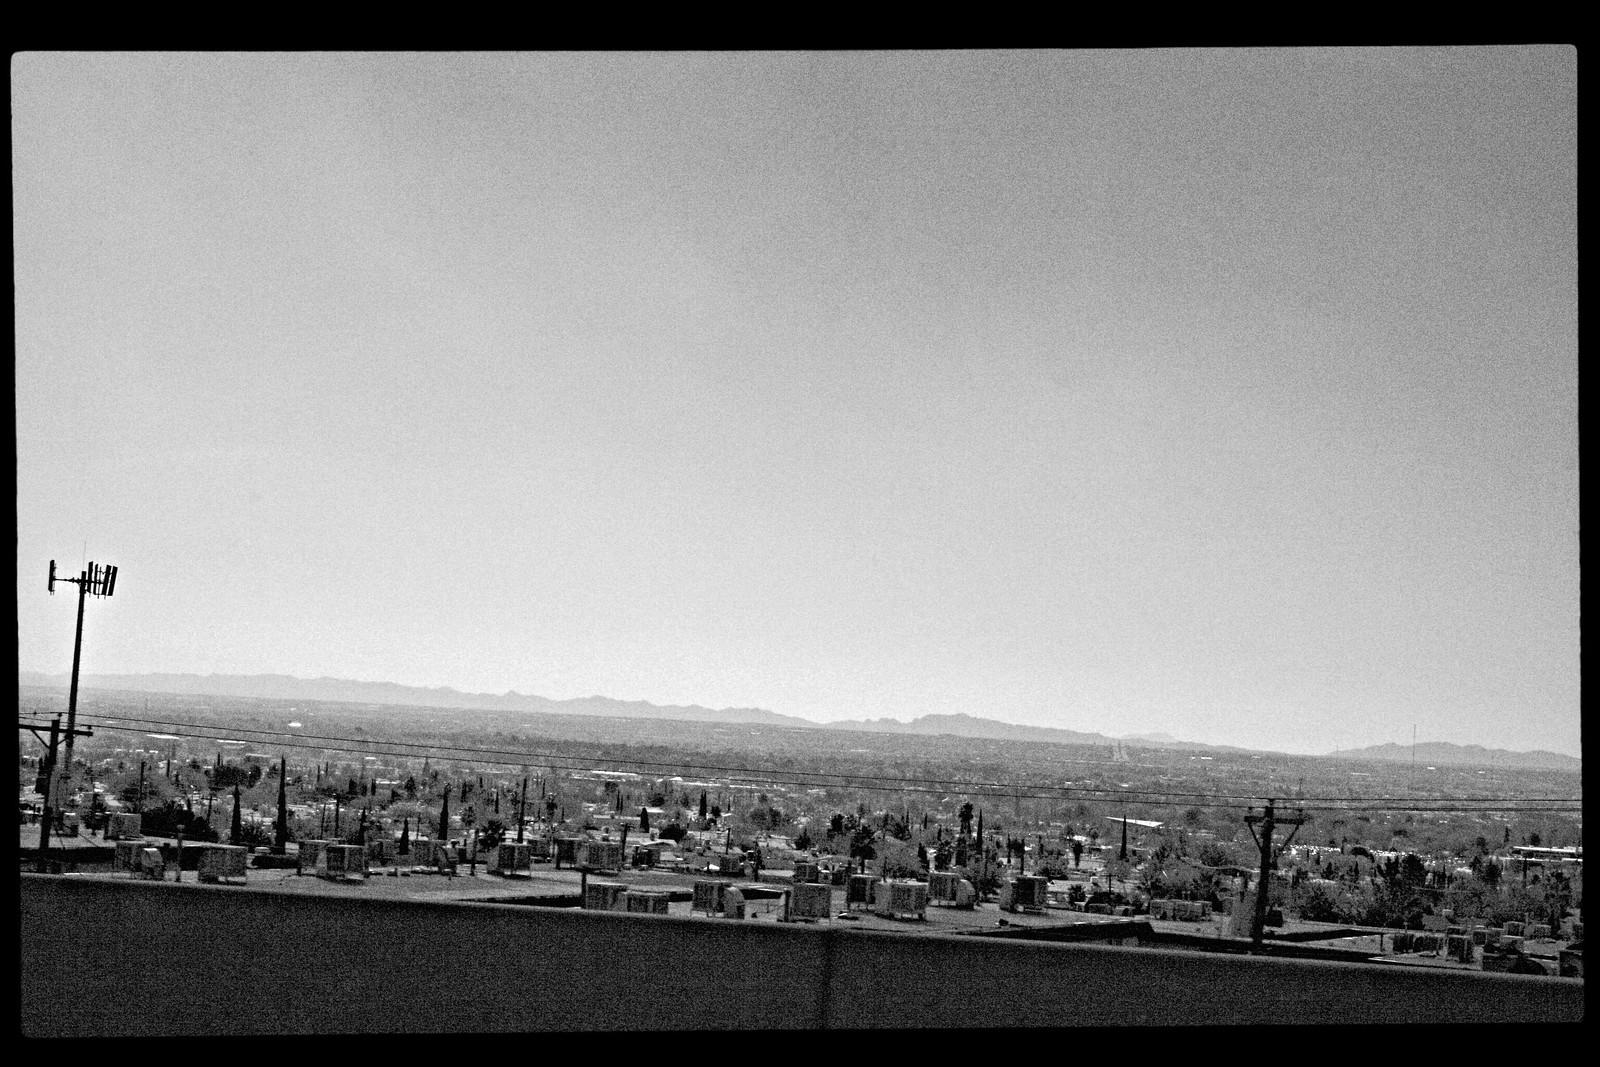 Rooftops of El Paso, Texas, Looking Toward Mexico, 2006